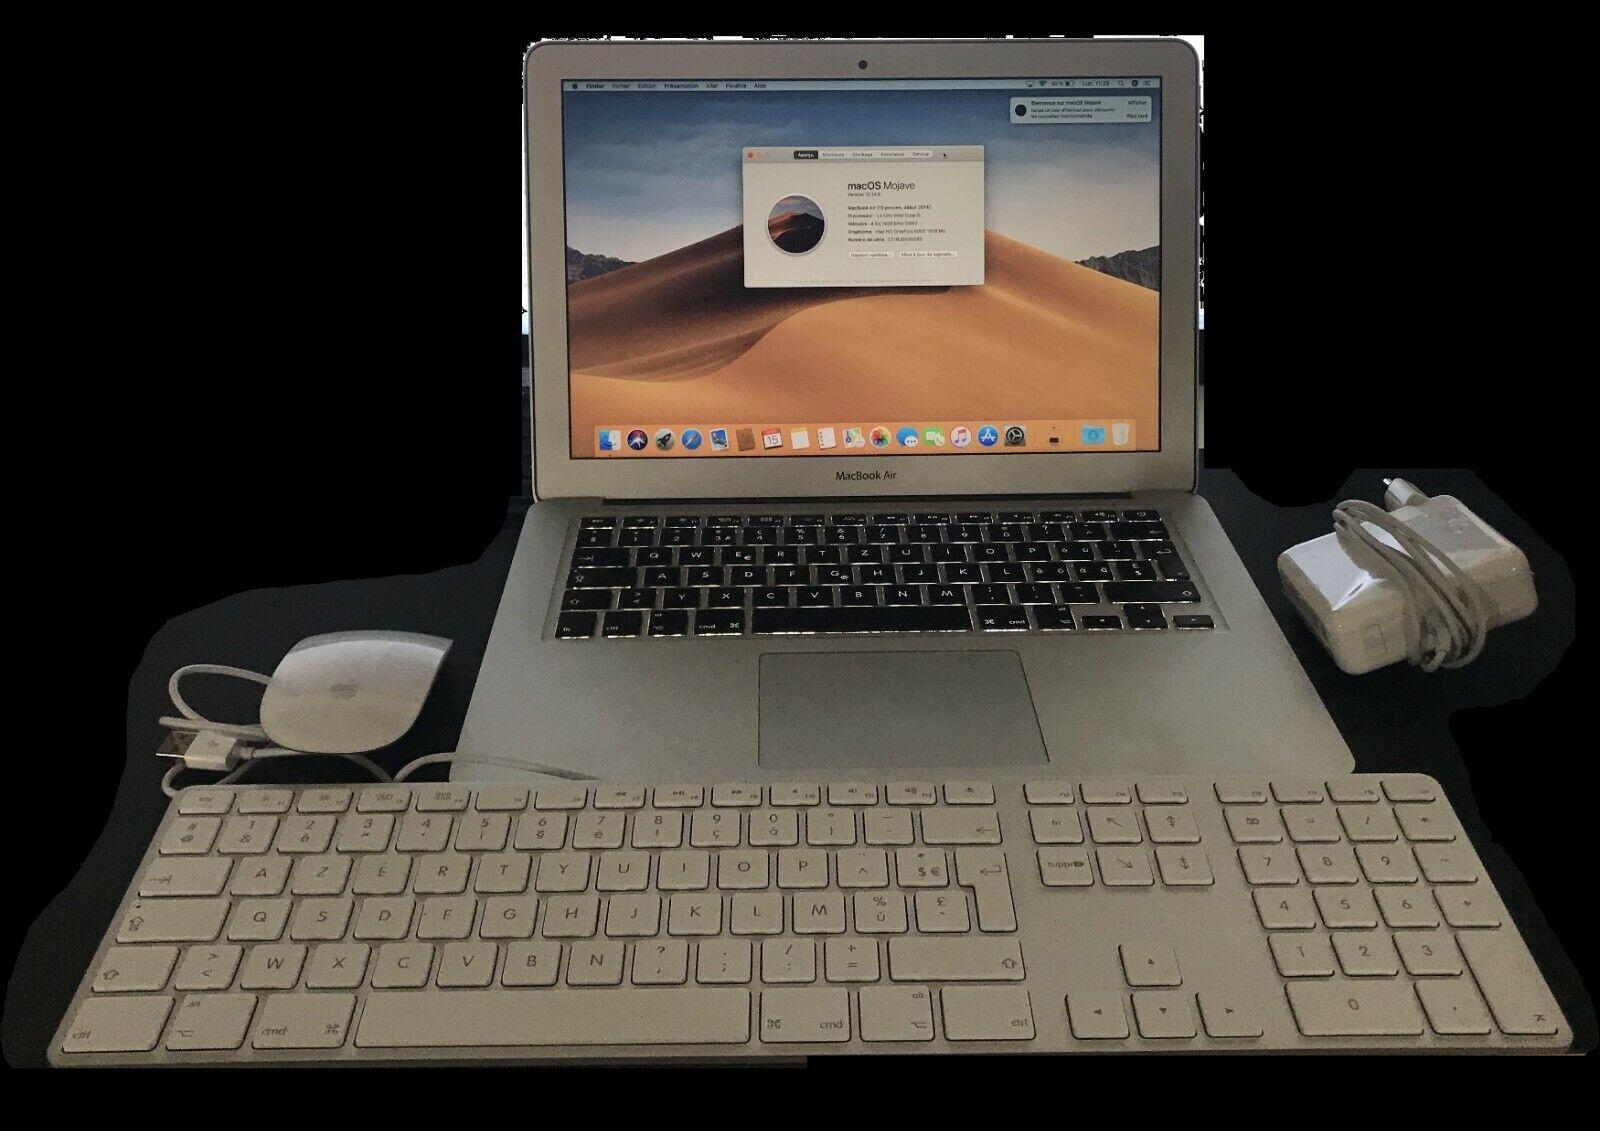 Macbook air 2014 13